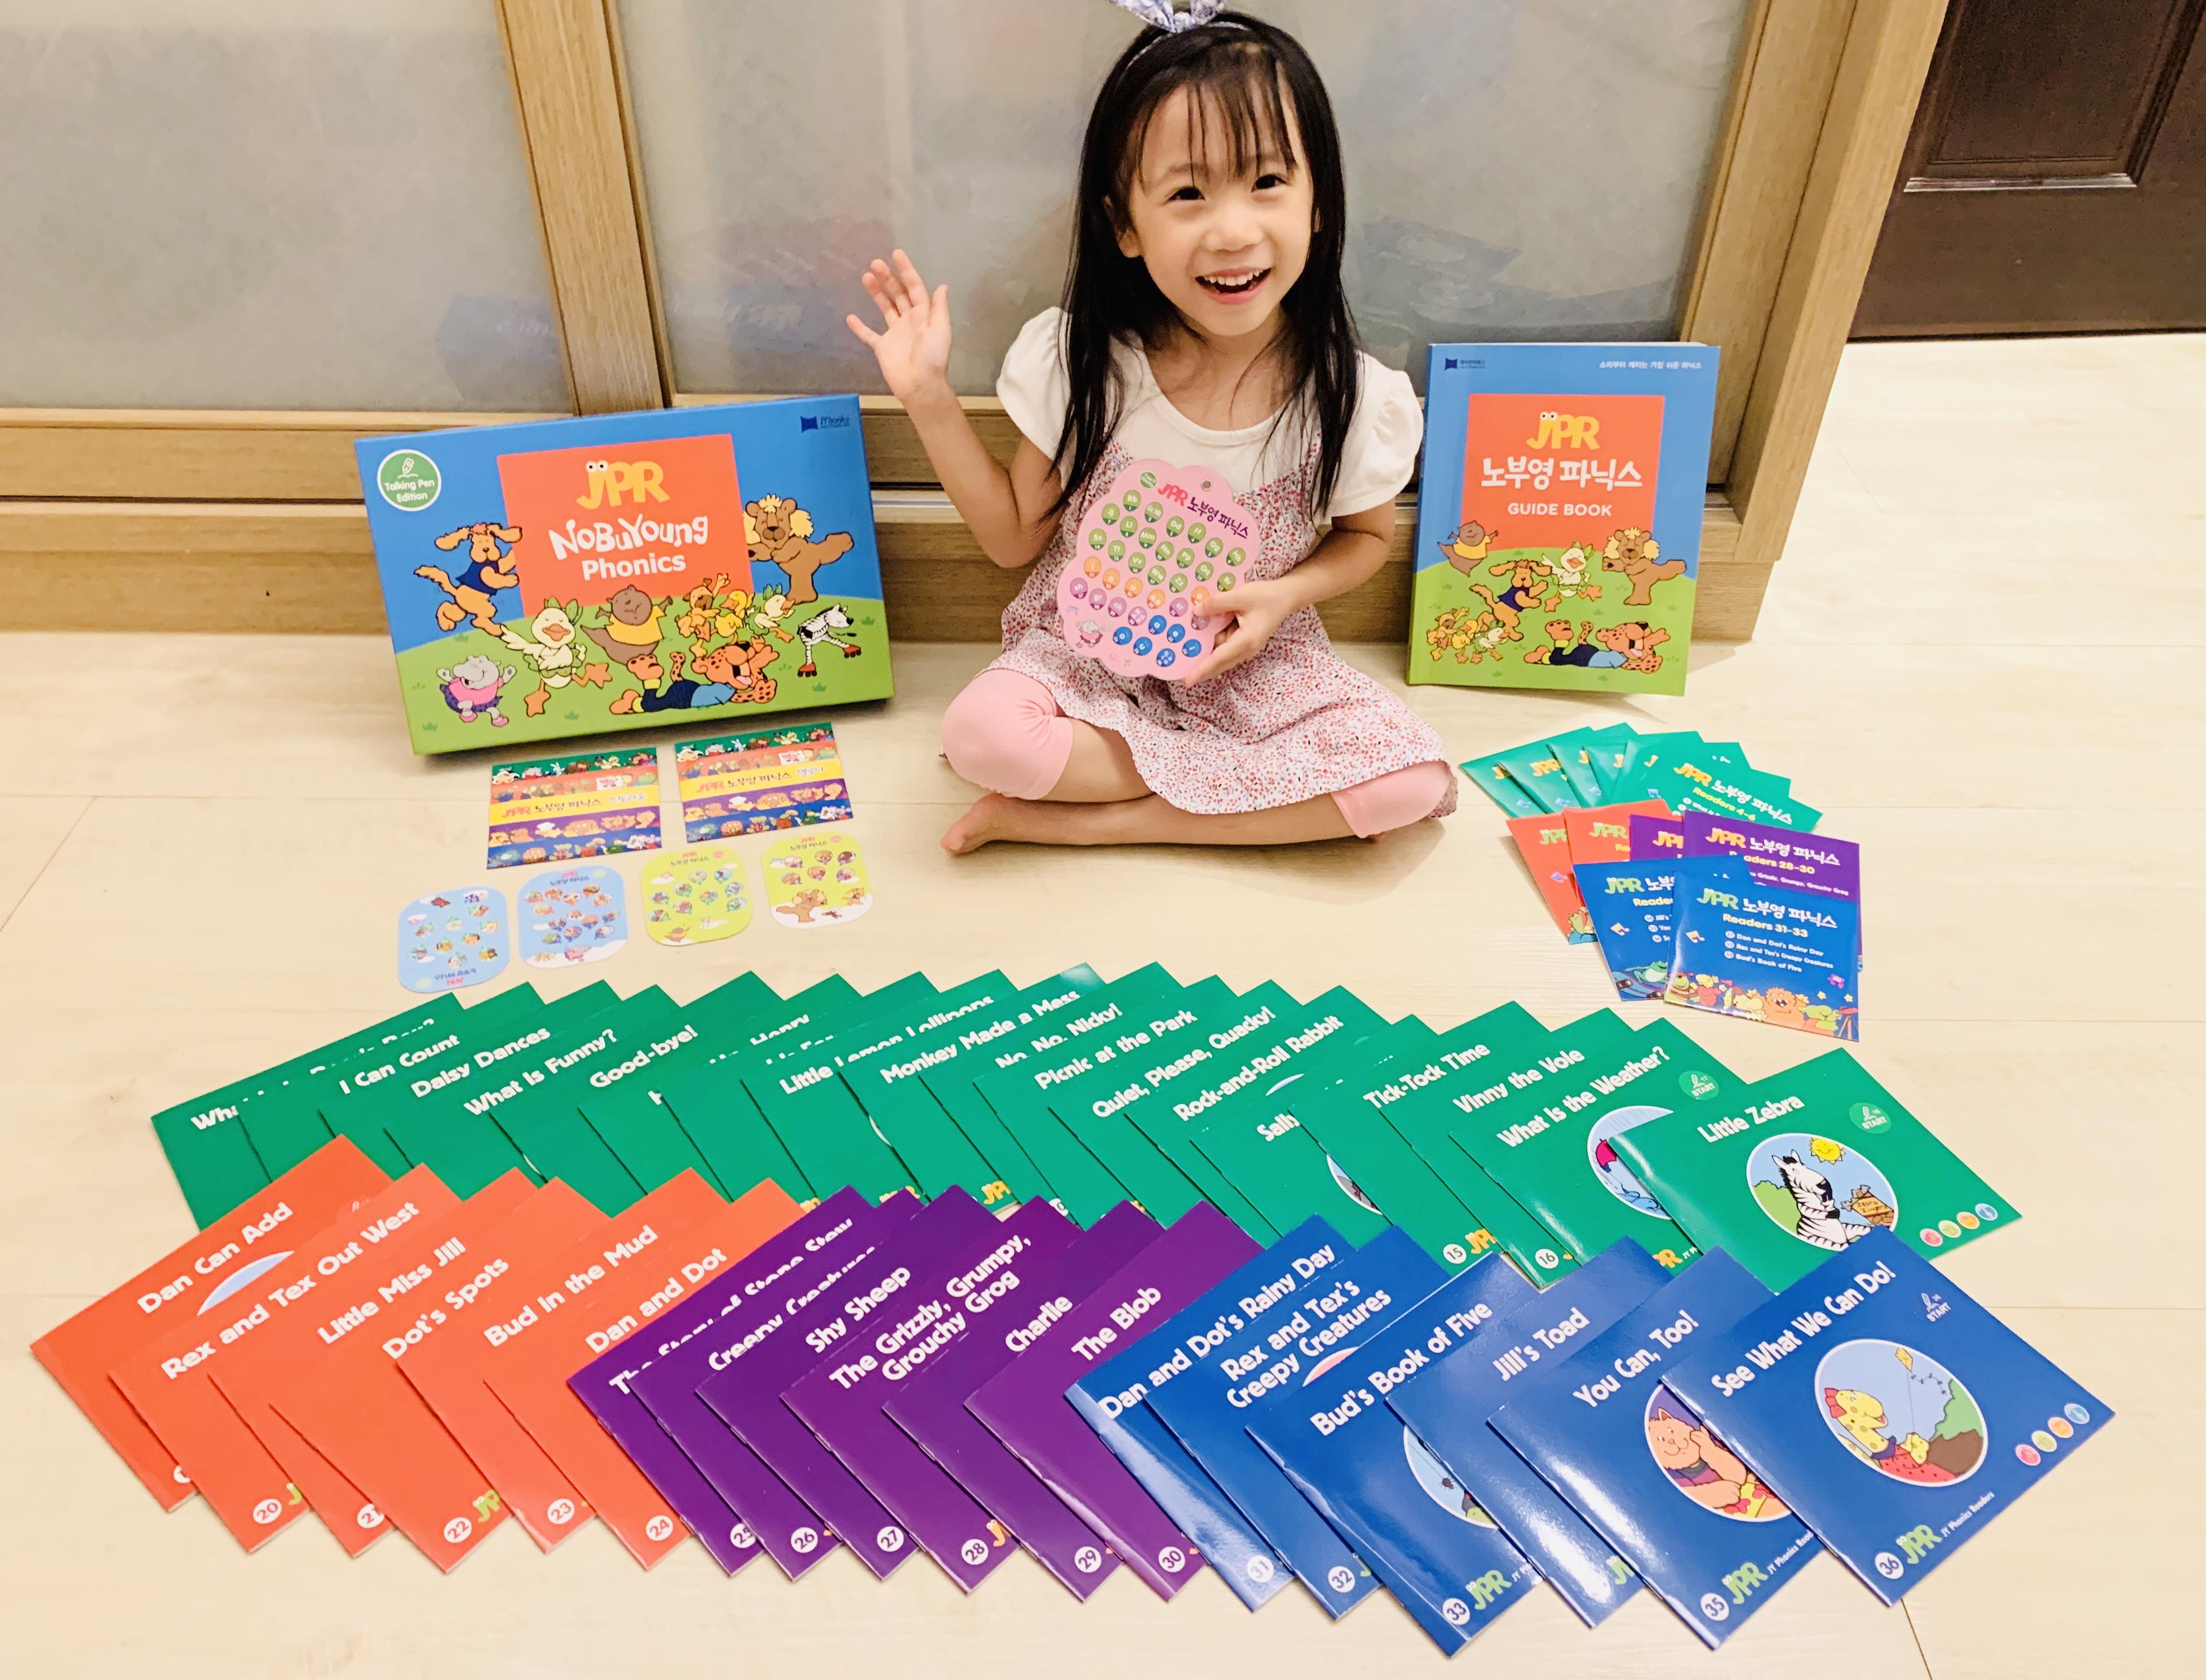 自然發音 | 幫助孩子獨立閱讀《JY Phonics Readers 自然發音點讀教材》用母語人士的方法學好英文 | KidsRead點讀筆